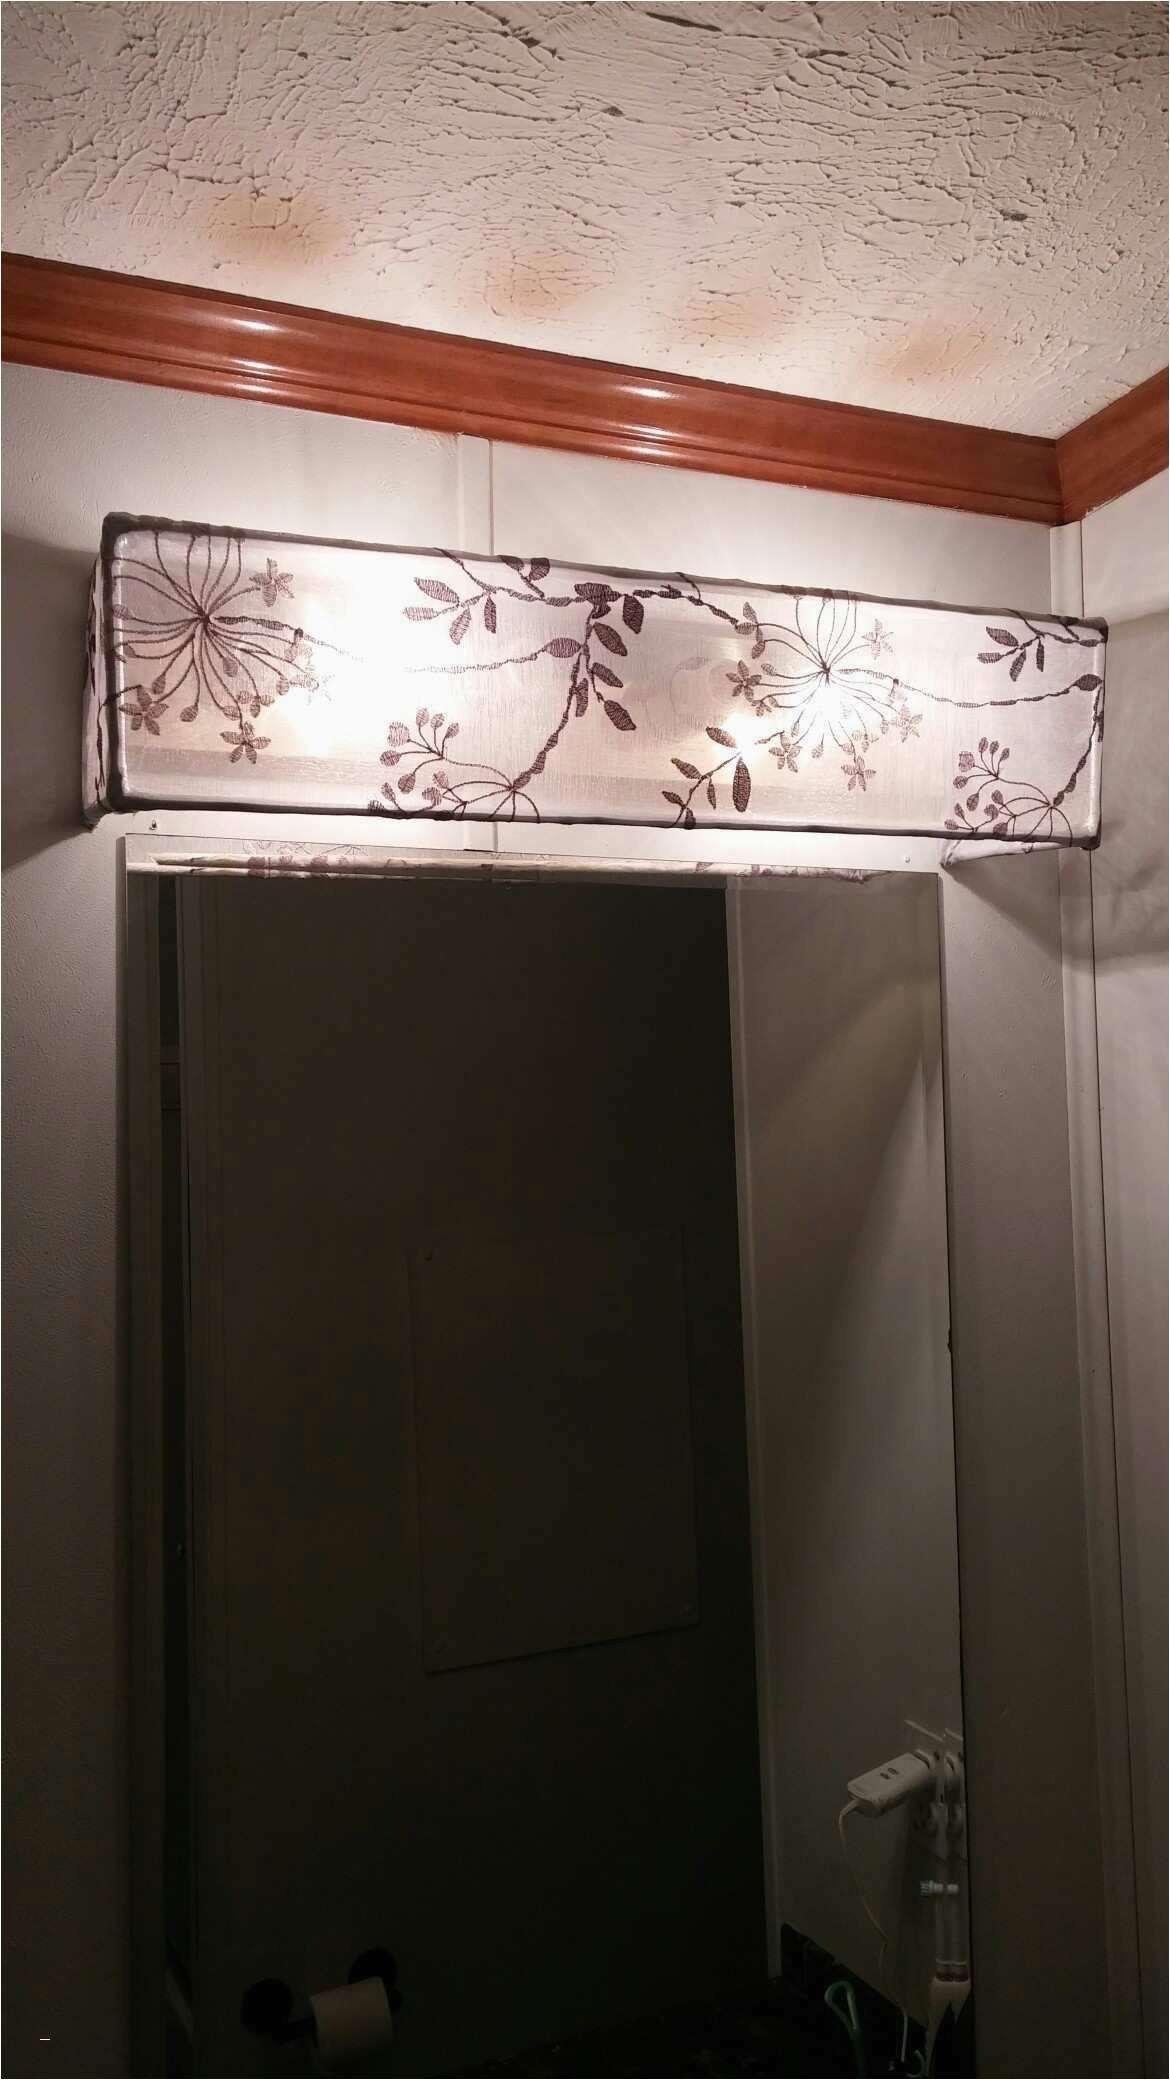 Diy Vanity Lights Bathroom Light Bar, Bathroom Light Shades